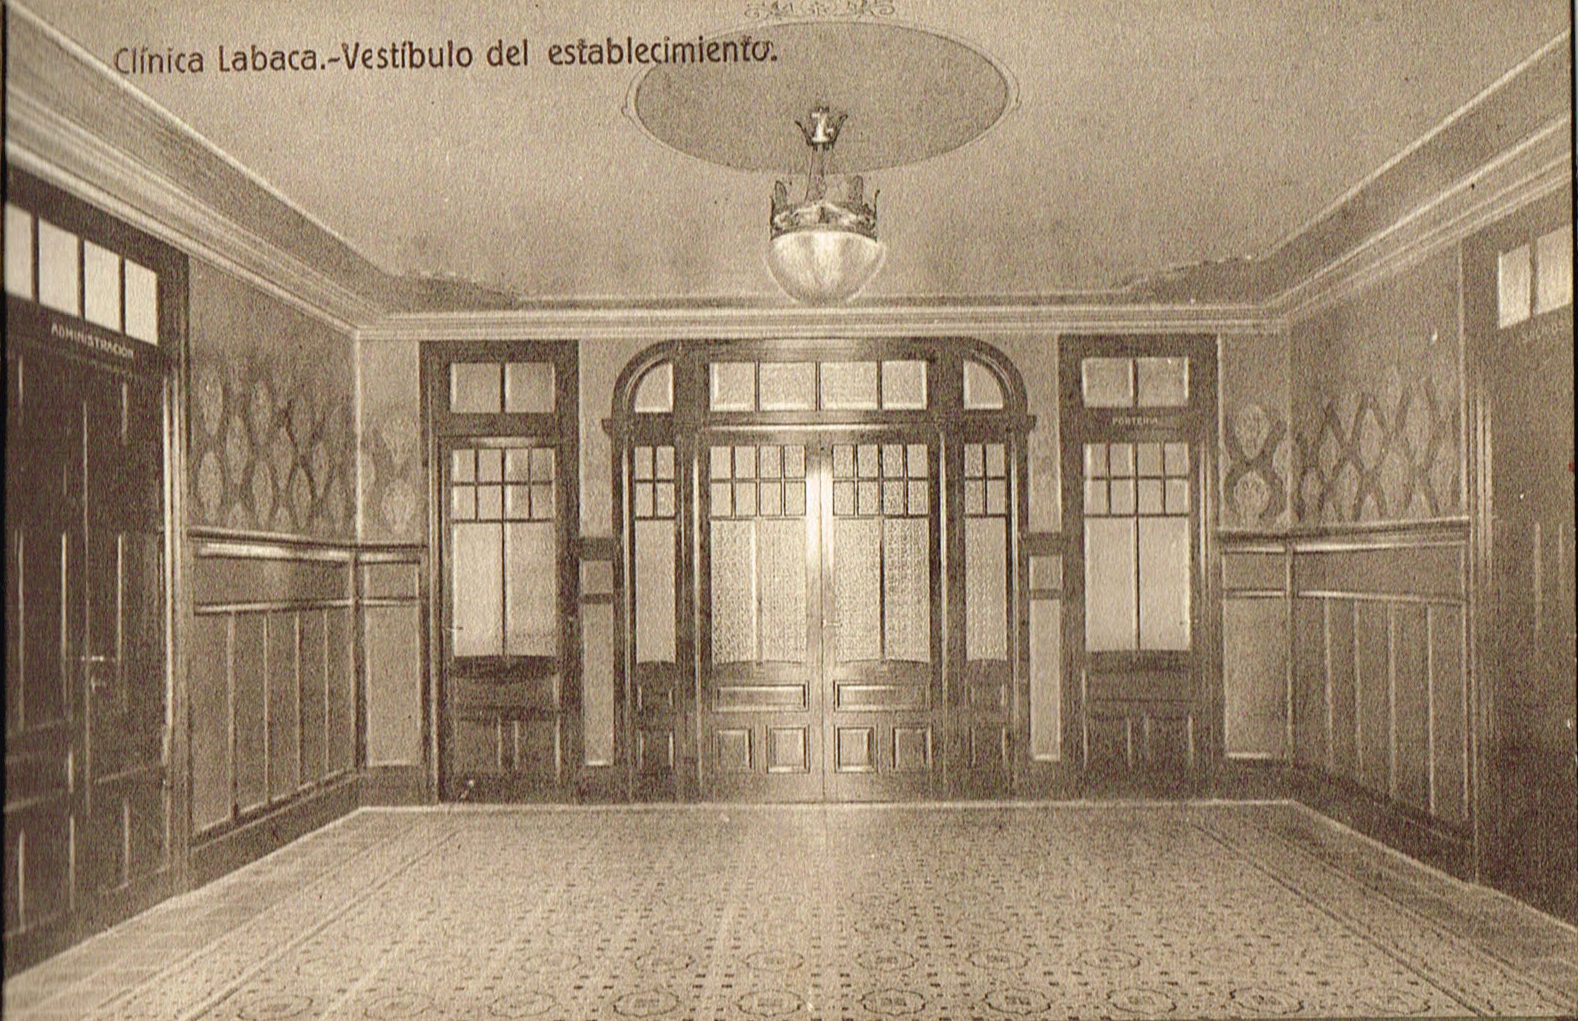 Clínica Labaca, vestíbulo